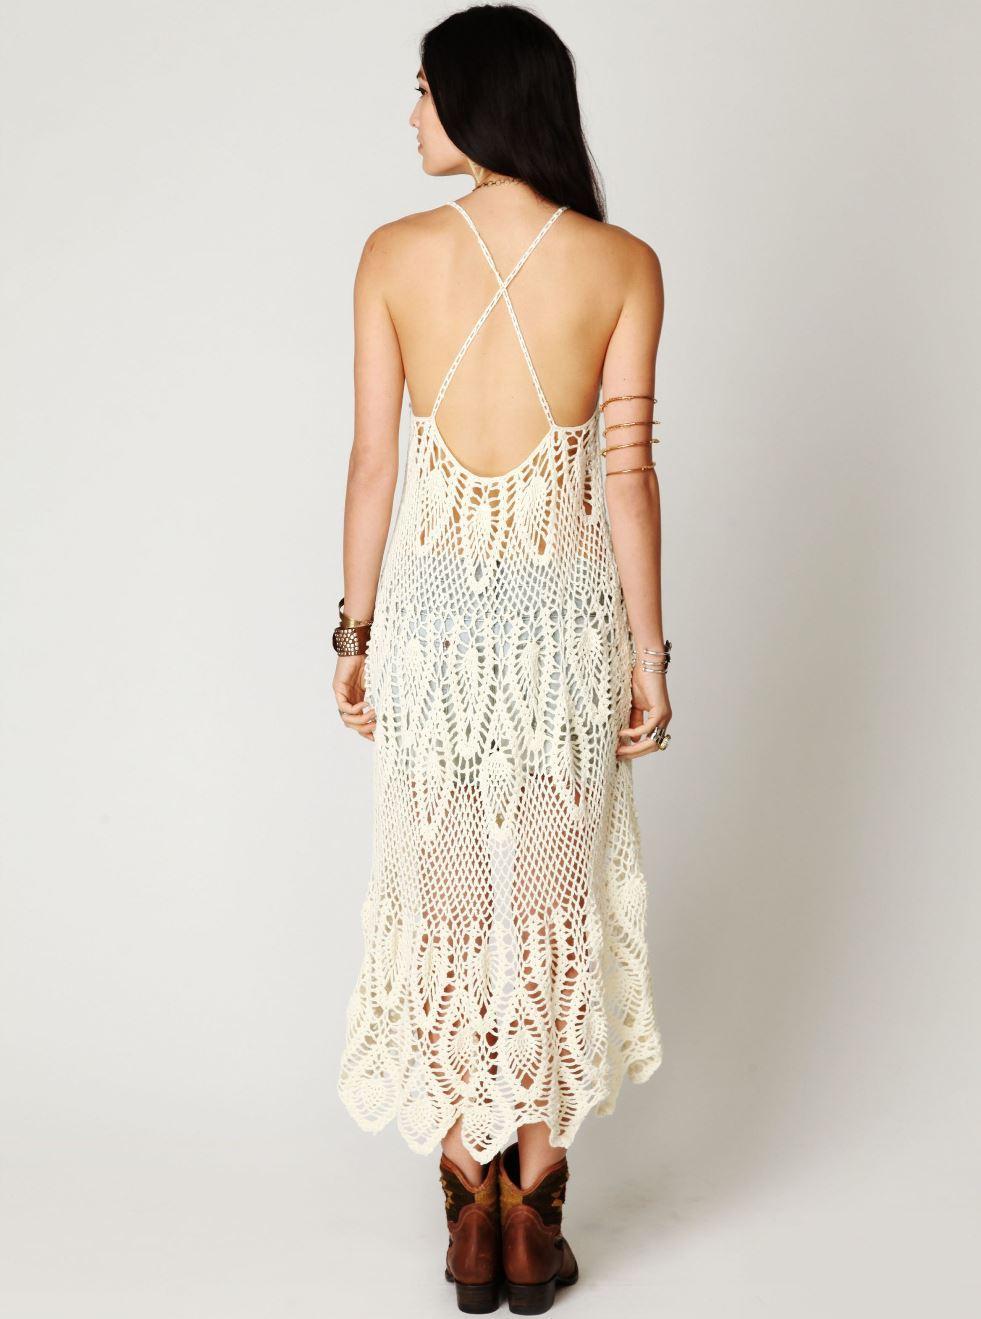 Designer crochet dress PATTERN, beach wedding dress